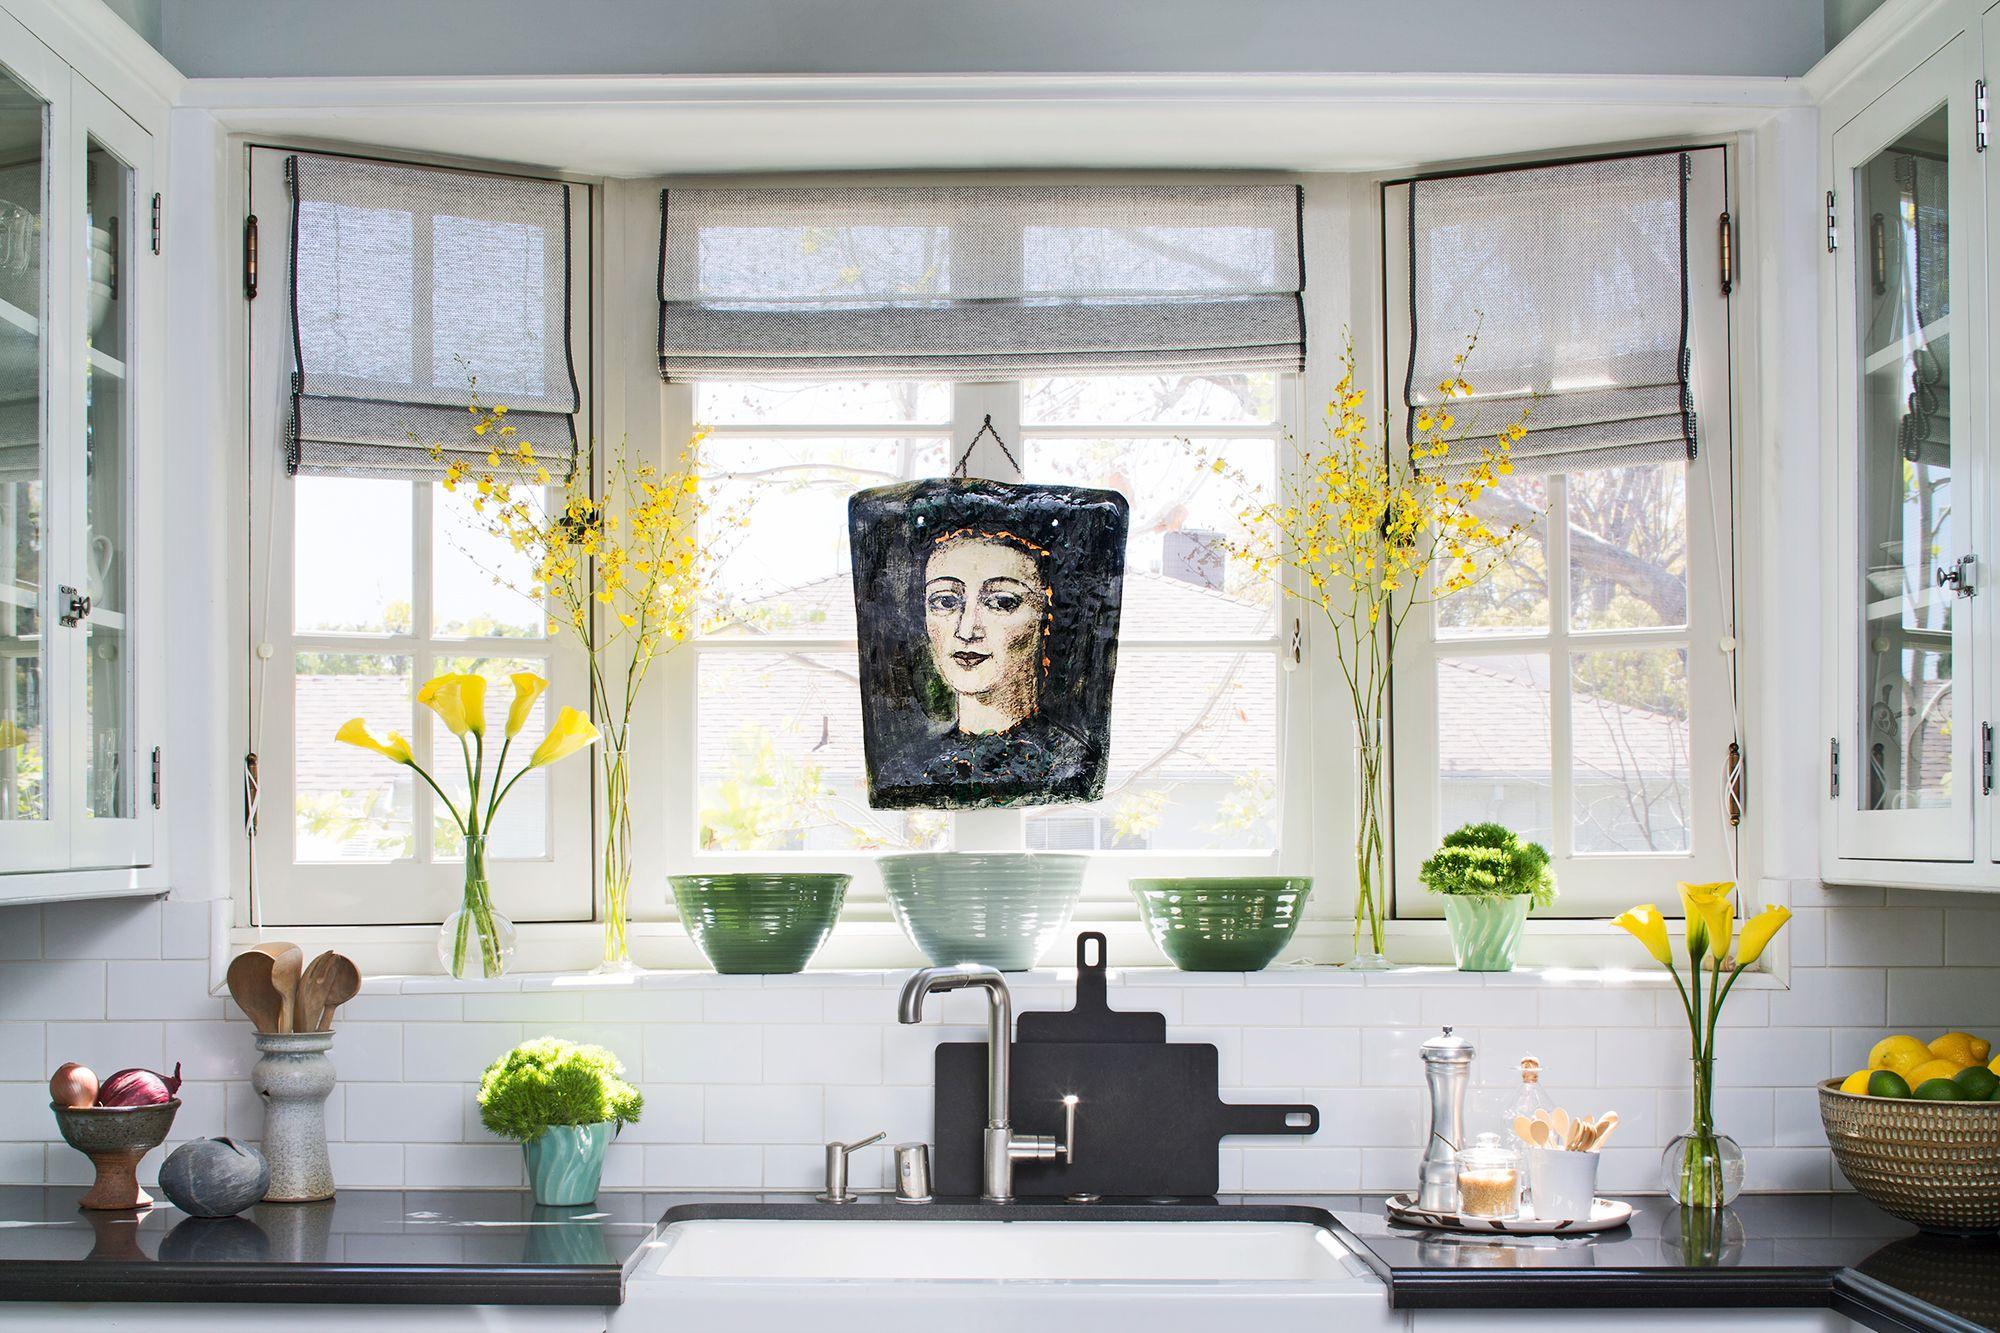 12 kitchen curtain ideas stylish